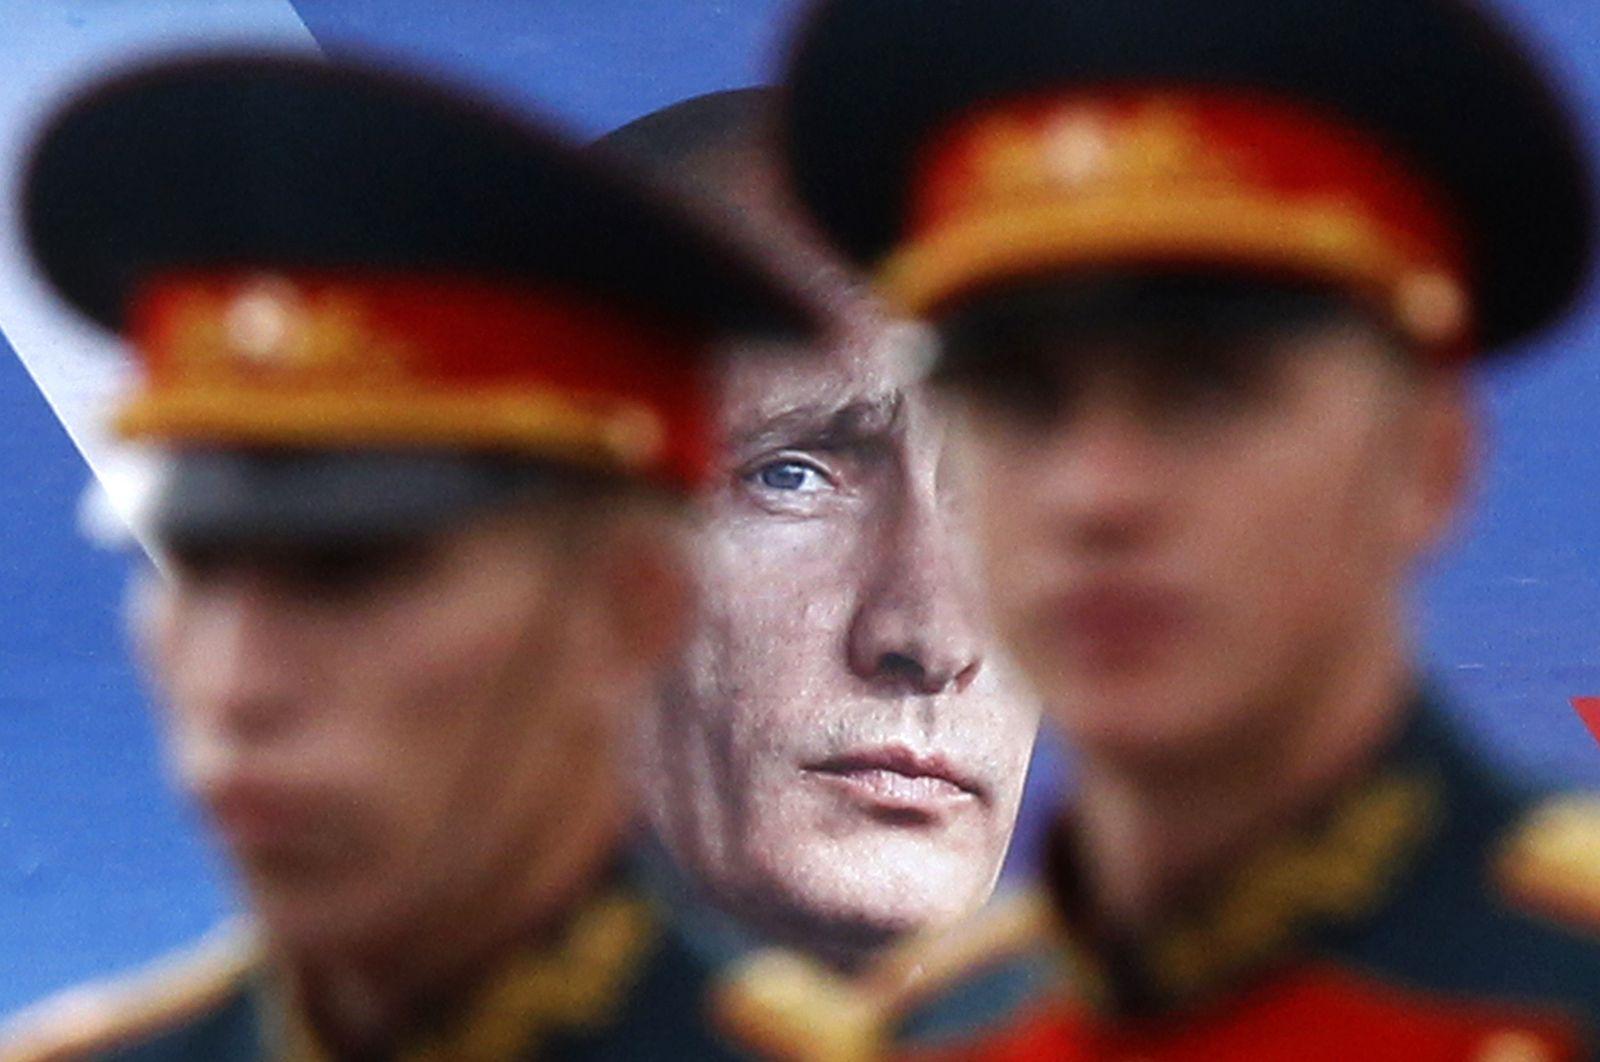 Putin / Poster